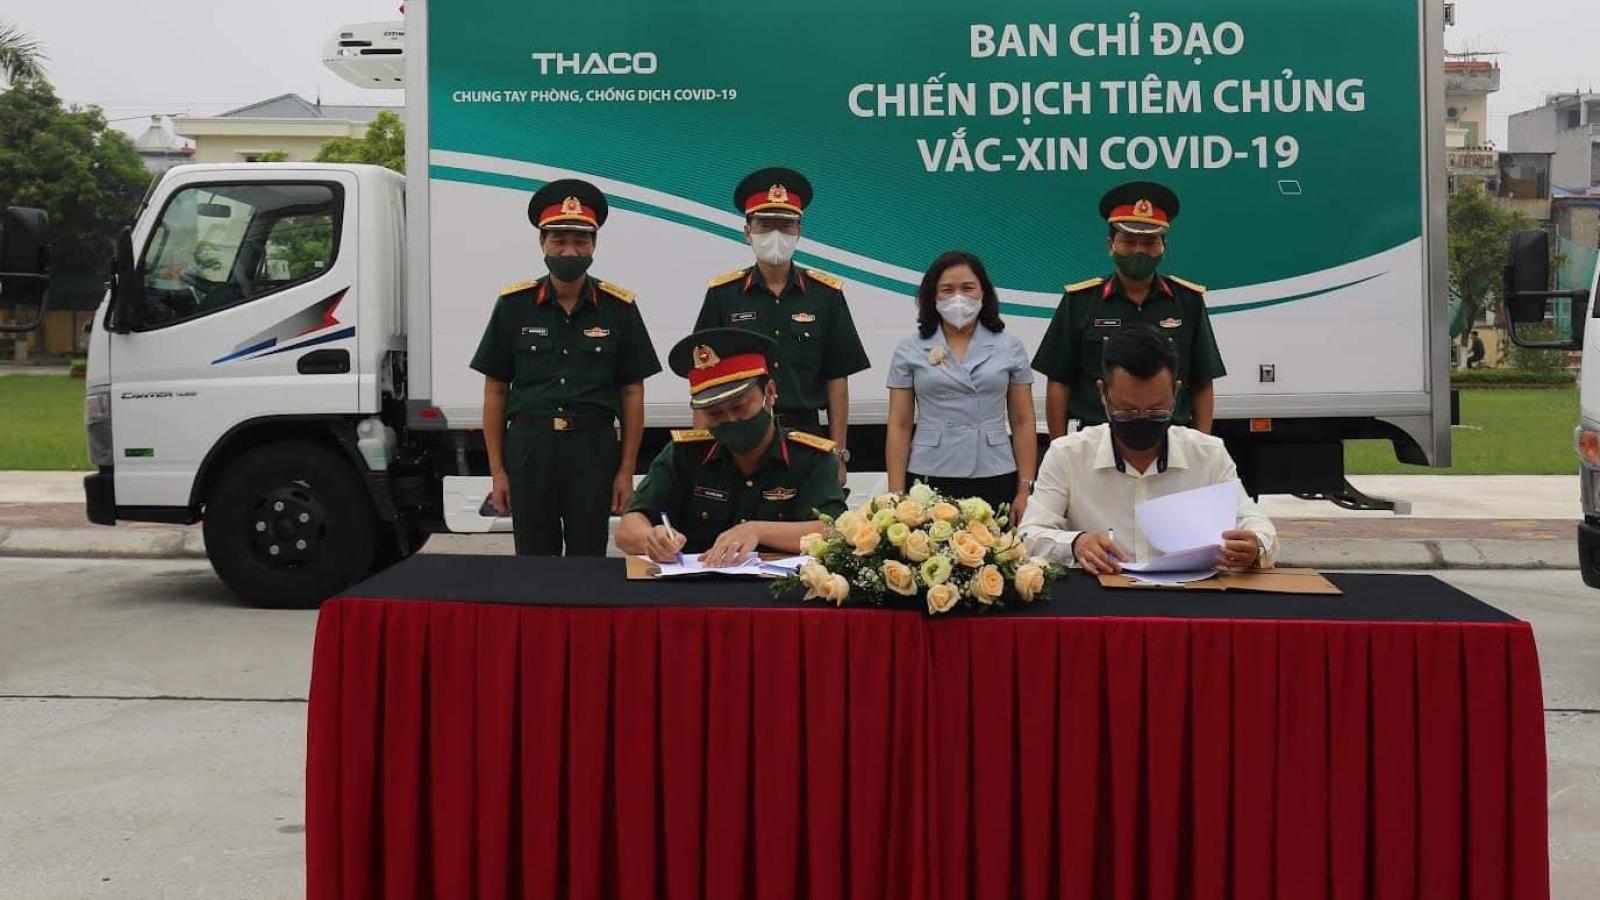 Sử dụng 63 xe chuyên dụng vận chuyển vaccine COVID-19 trong Chiến dịch tiêm chủng